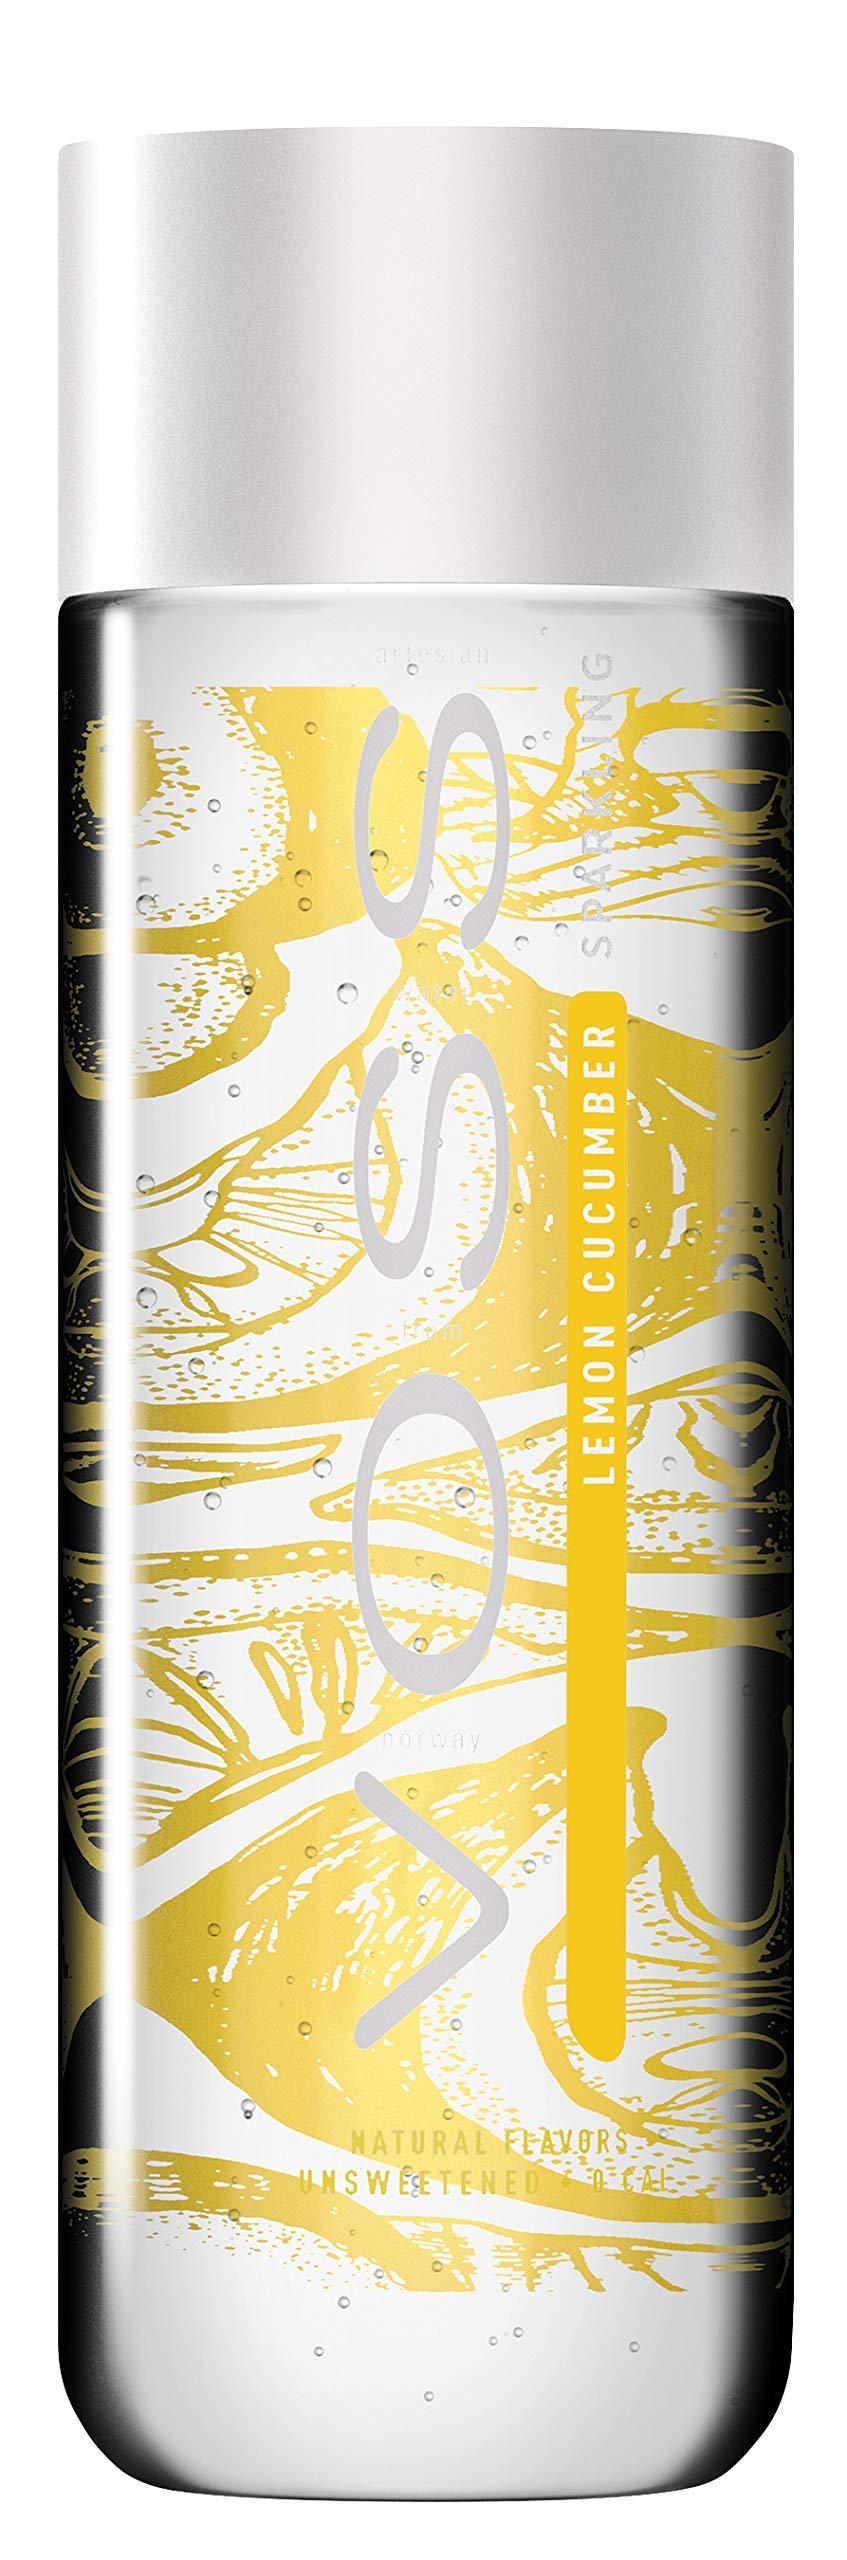 VOSS Artesian Sparkling Water, Lemon Cucumber, 330 ml Plastic Bottles (12 Count)